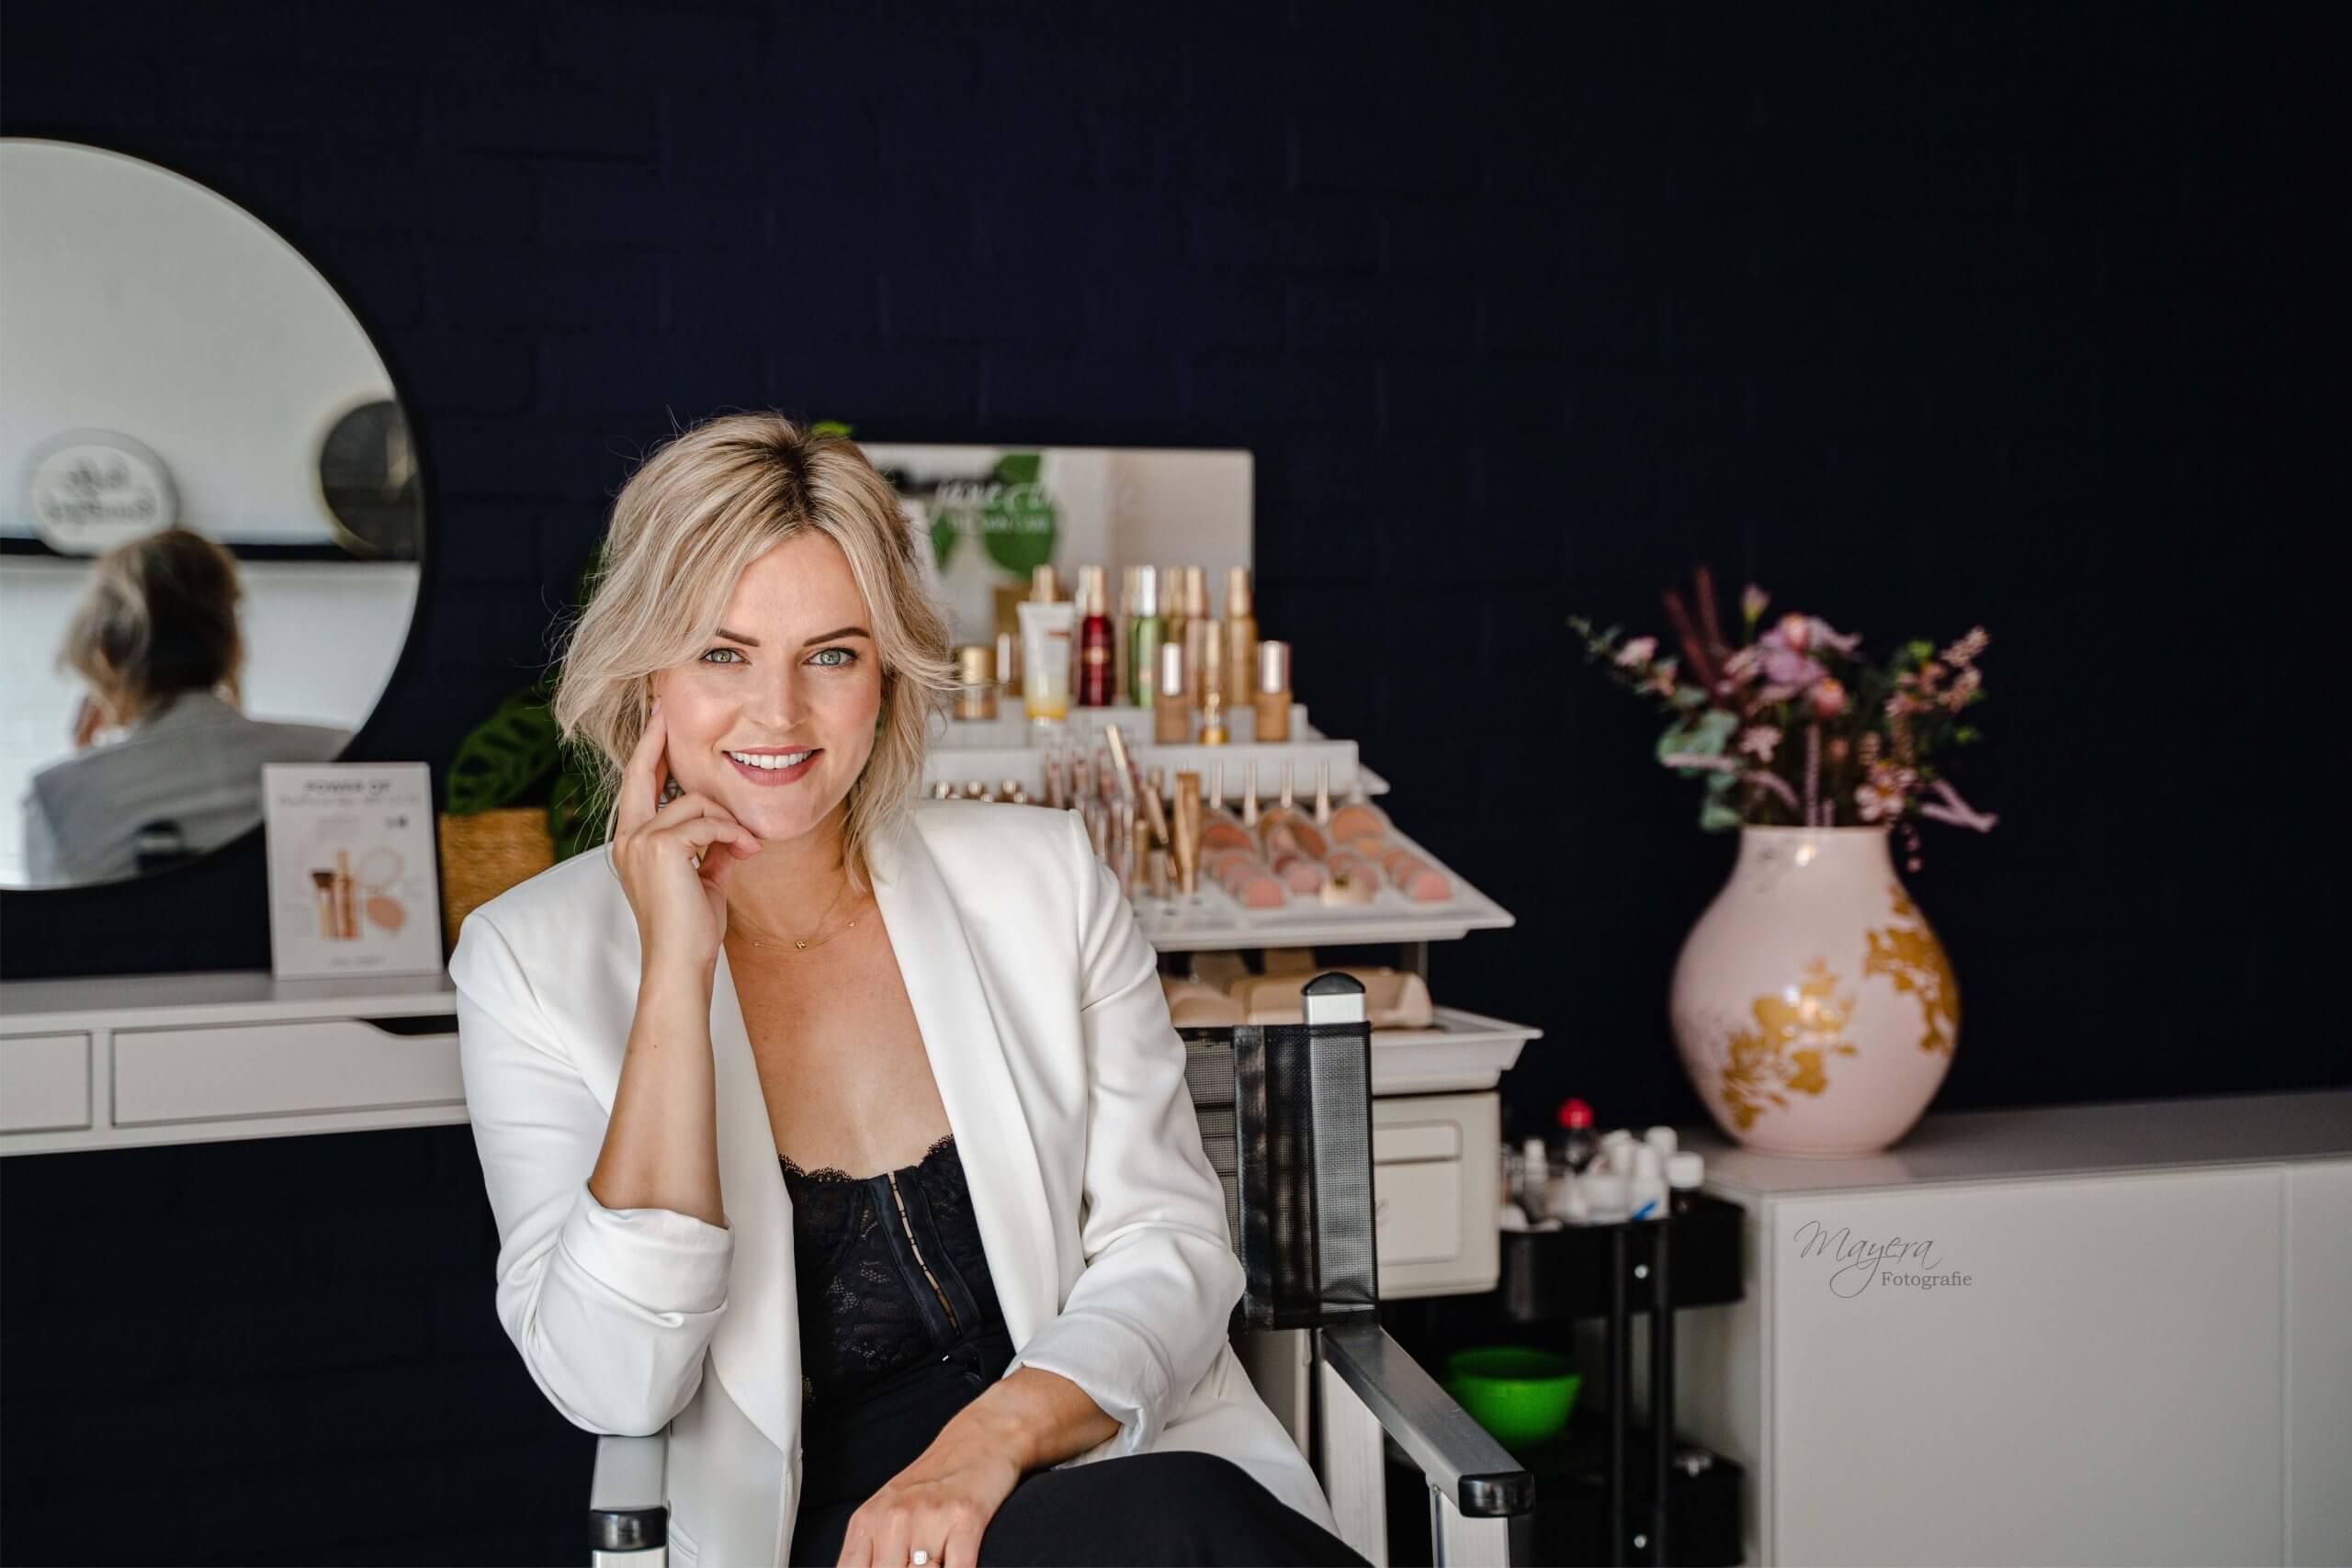 Branding feed bedrijfsreportage vrouwelijke ondernemer instagram mua make up wijk bij duurstede Amsterdam